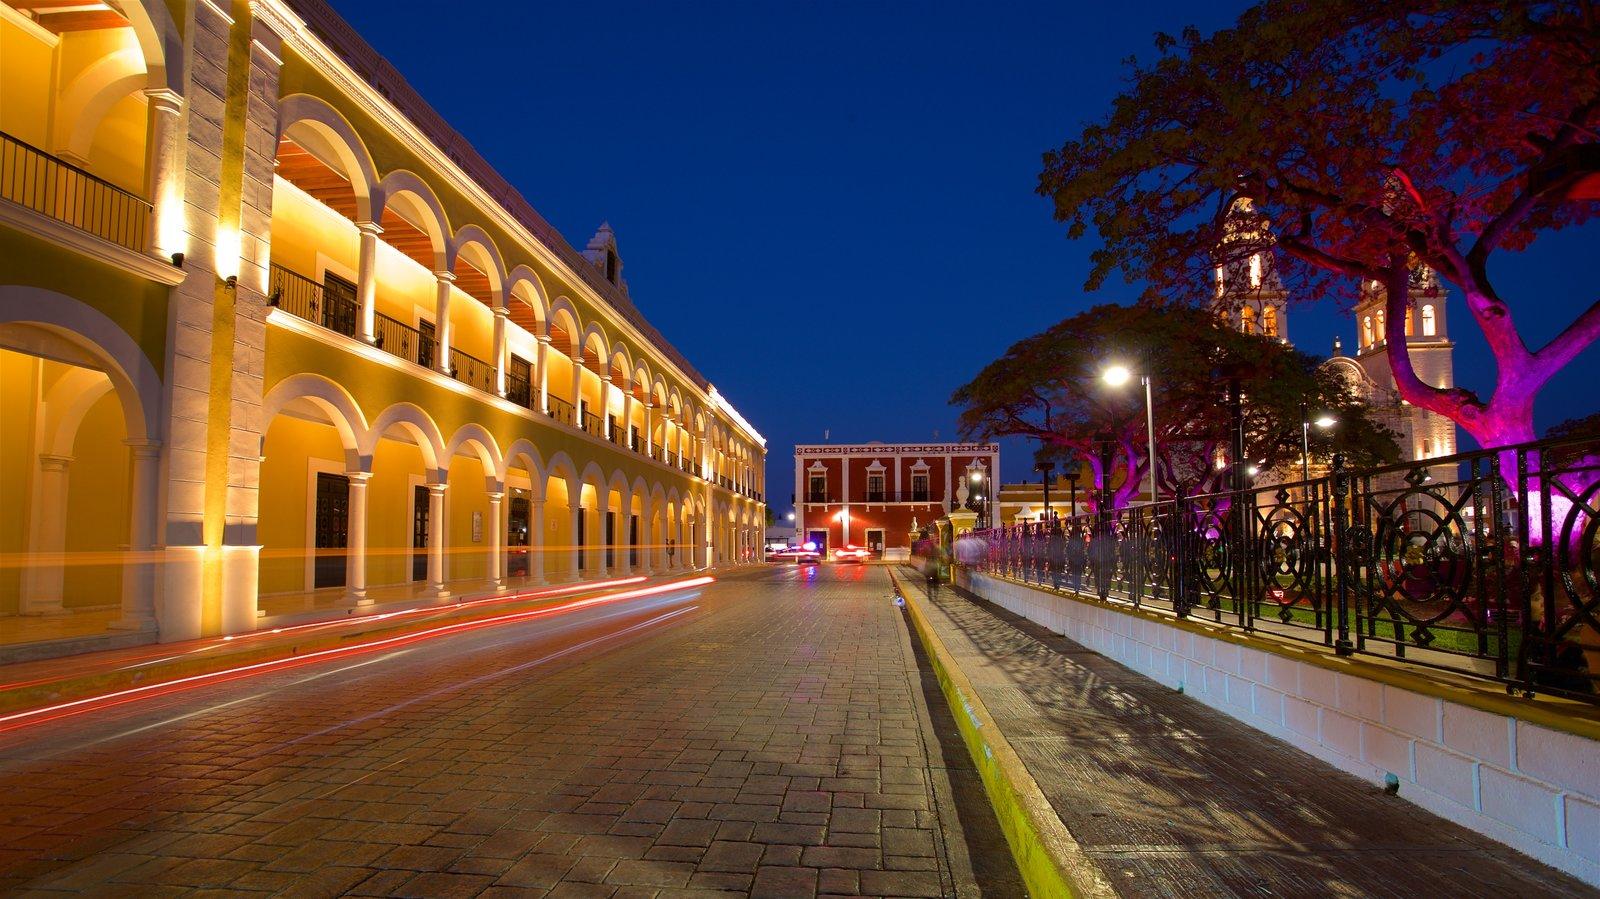 Campeche mostrando escenas nocturnas y un jardín